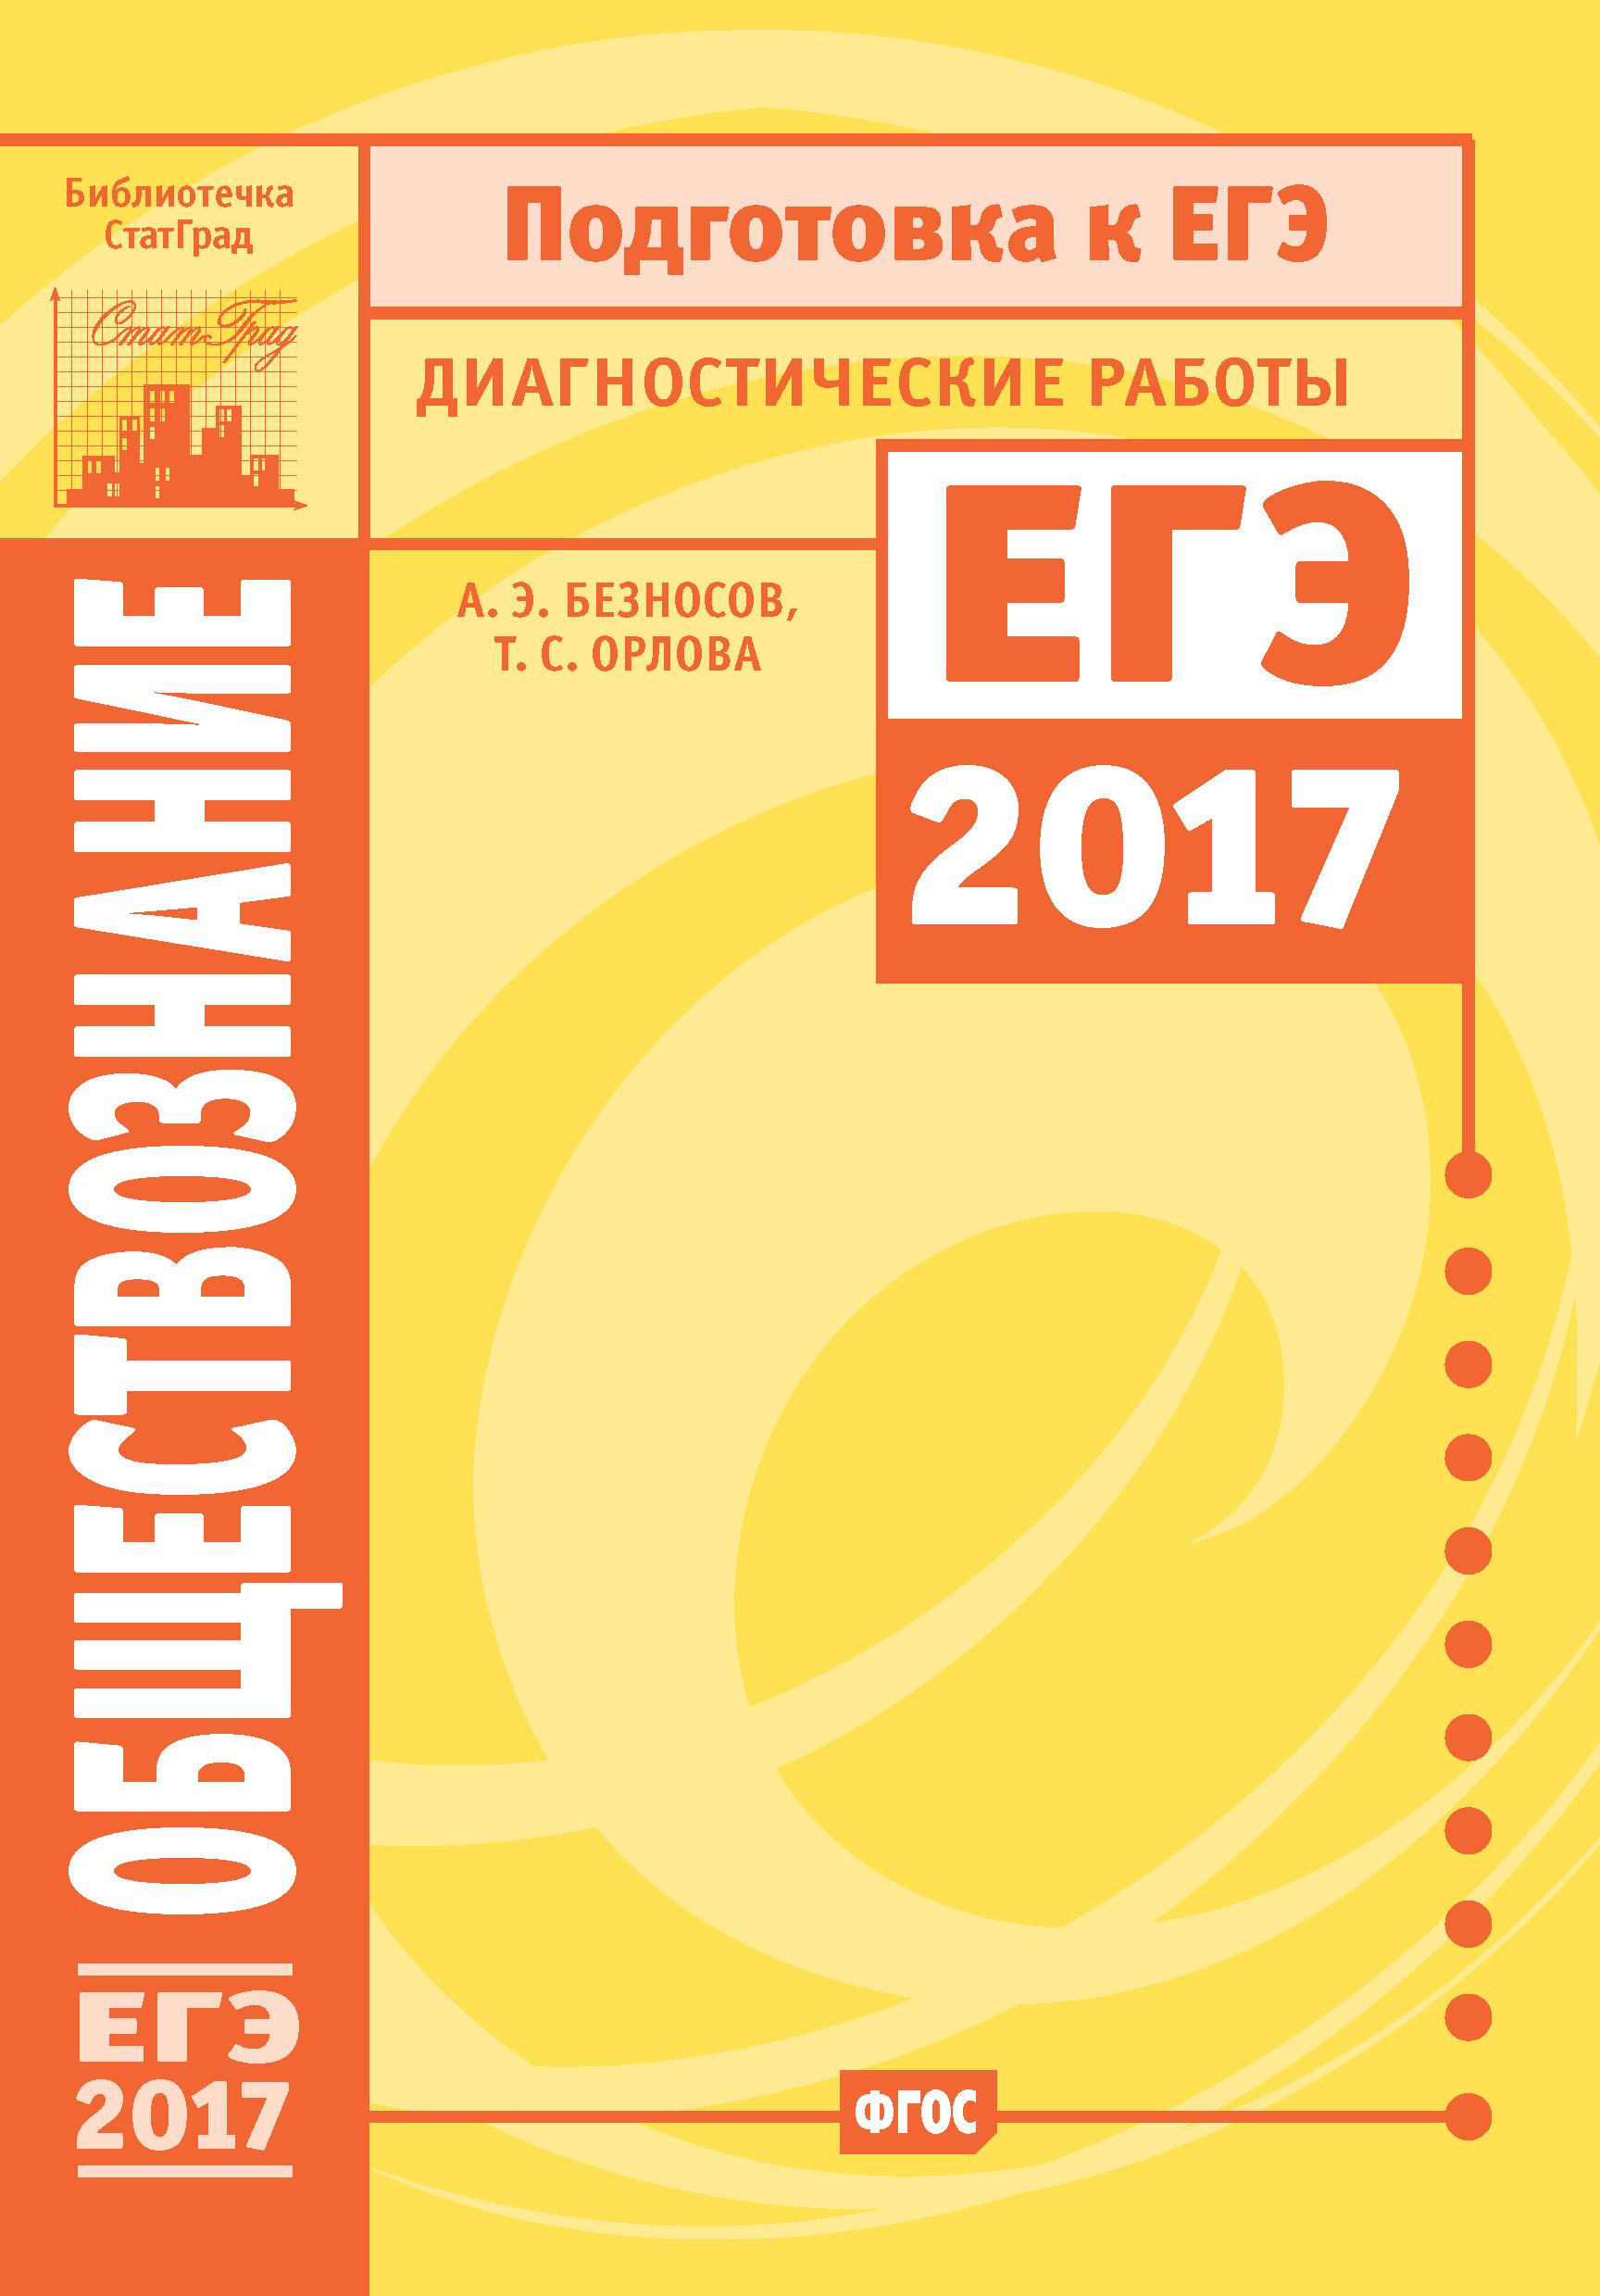 цена на А. Э. Безносов Обществознание. Подготовка к ЕГЭ в 2017 году. Диагностические работы